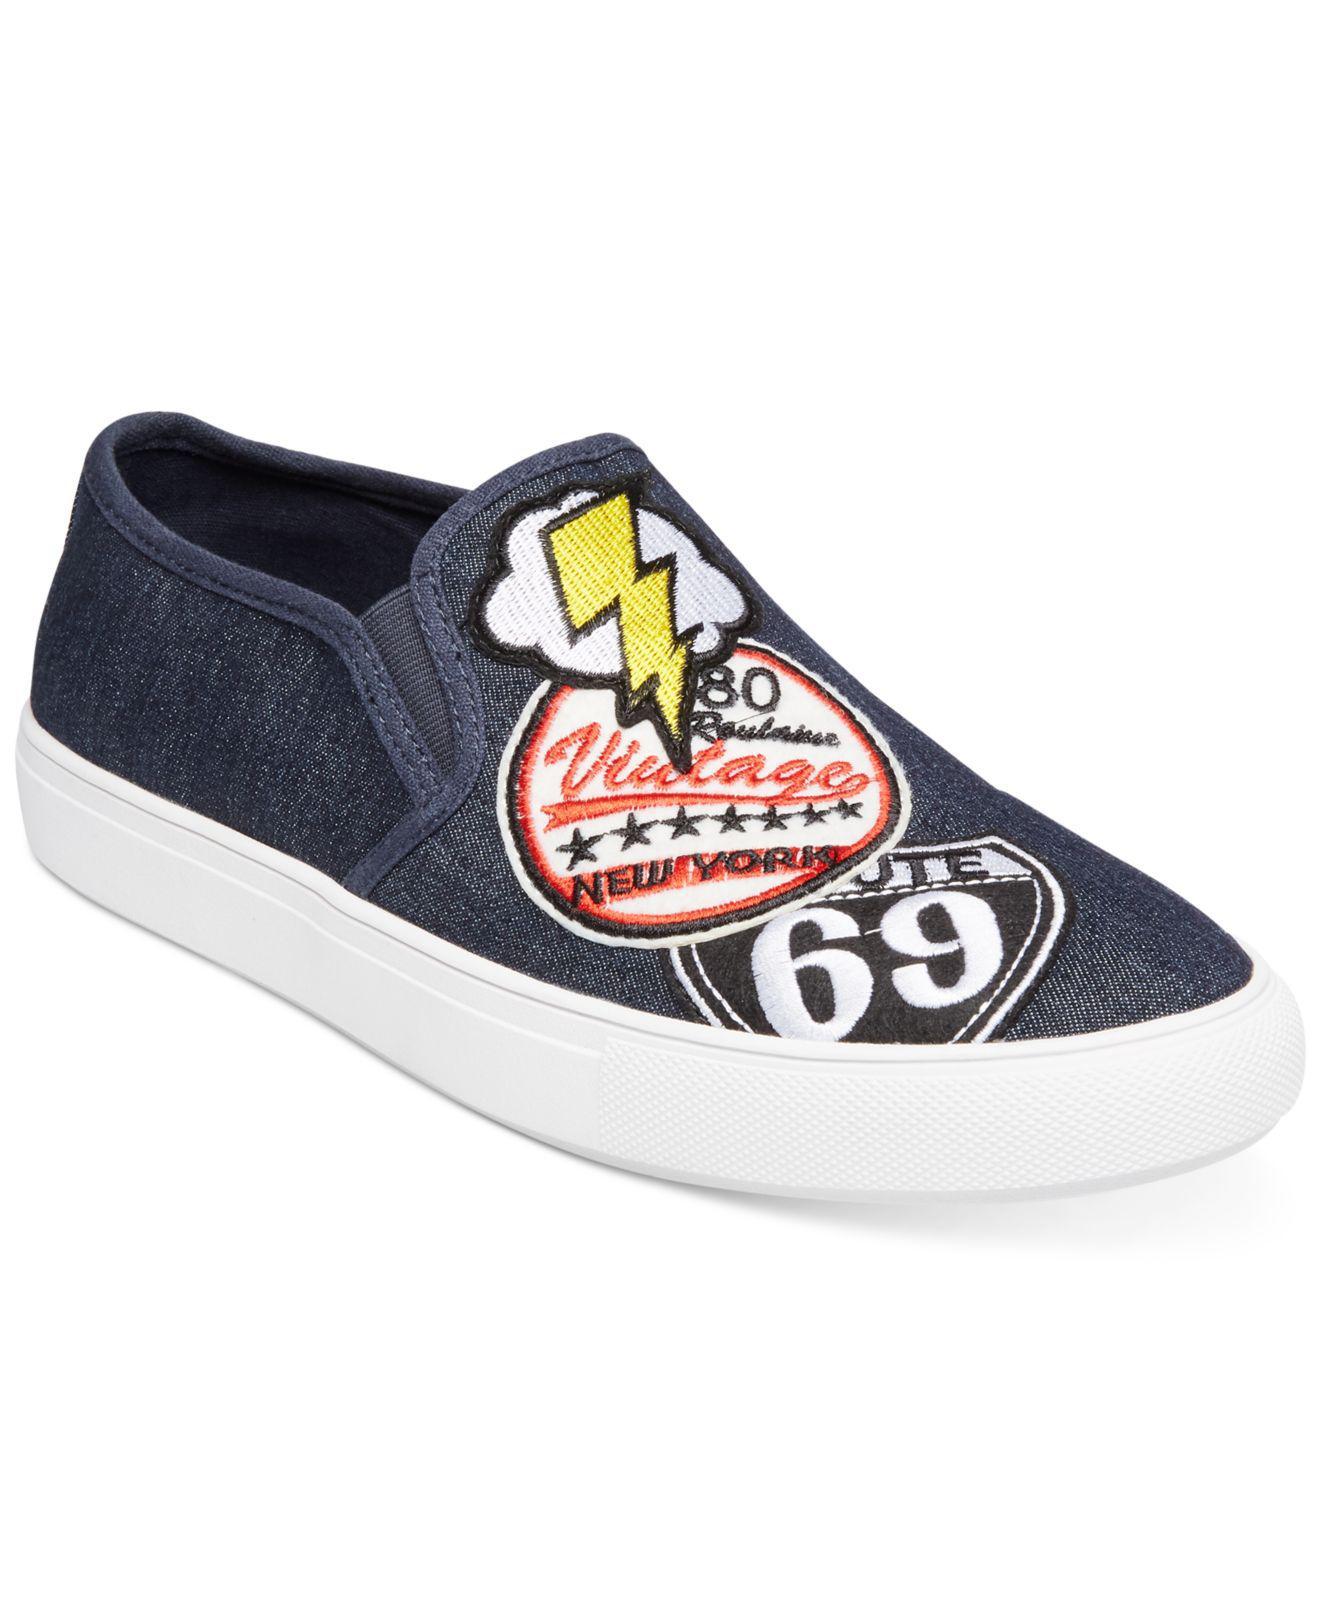 940653ca572 Steve Madden Men s Wasdin Slip-on Sneakers in Blue for Men - Lyst